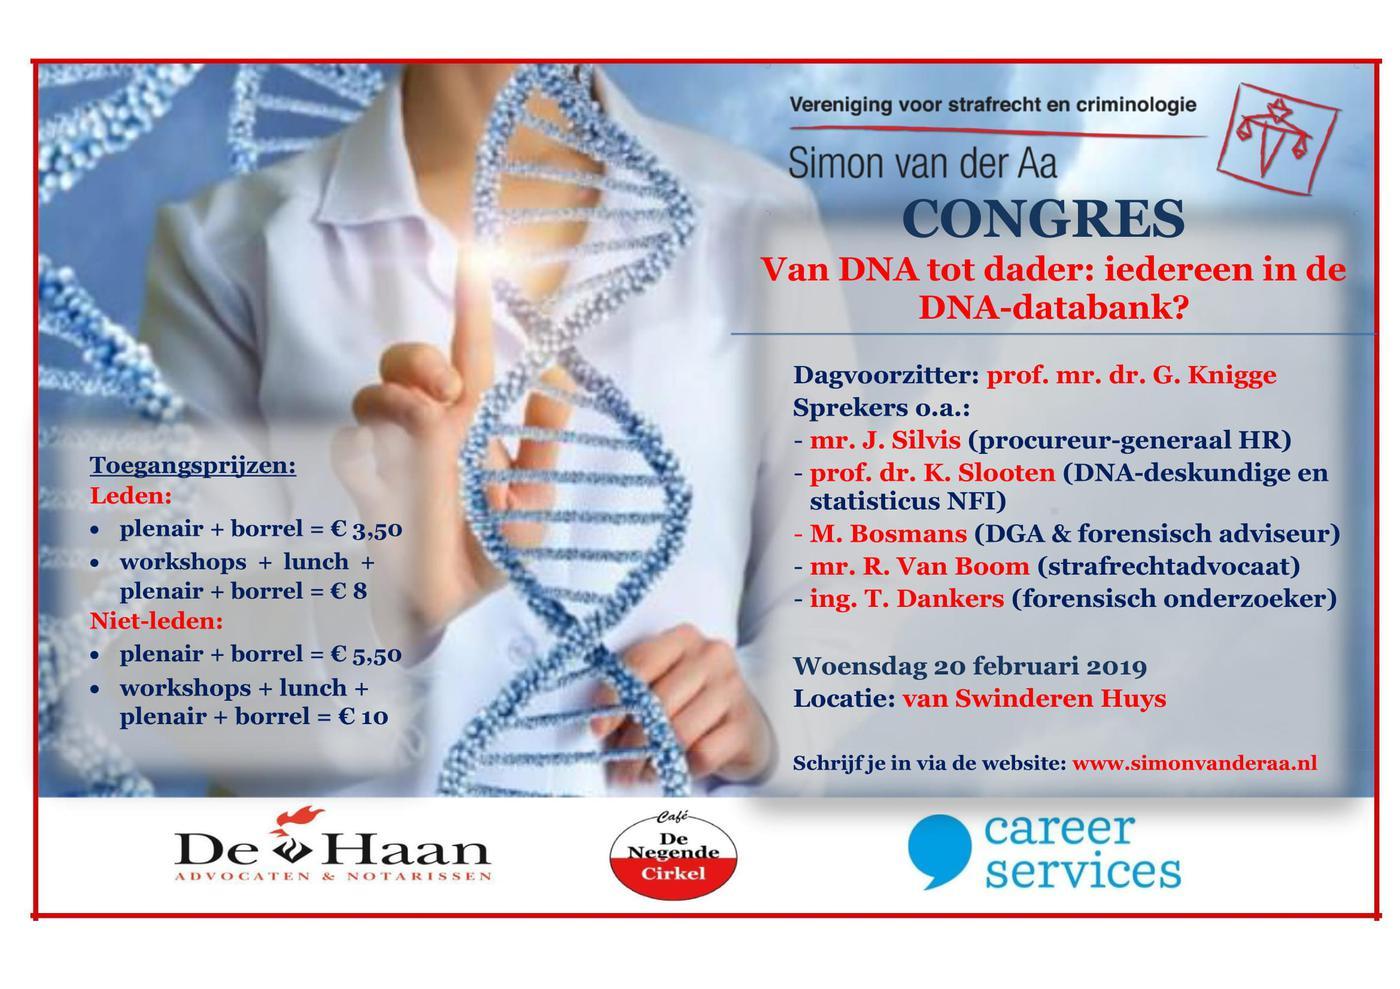 Congres: van DNA tot dader: allemaal in de databank?